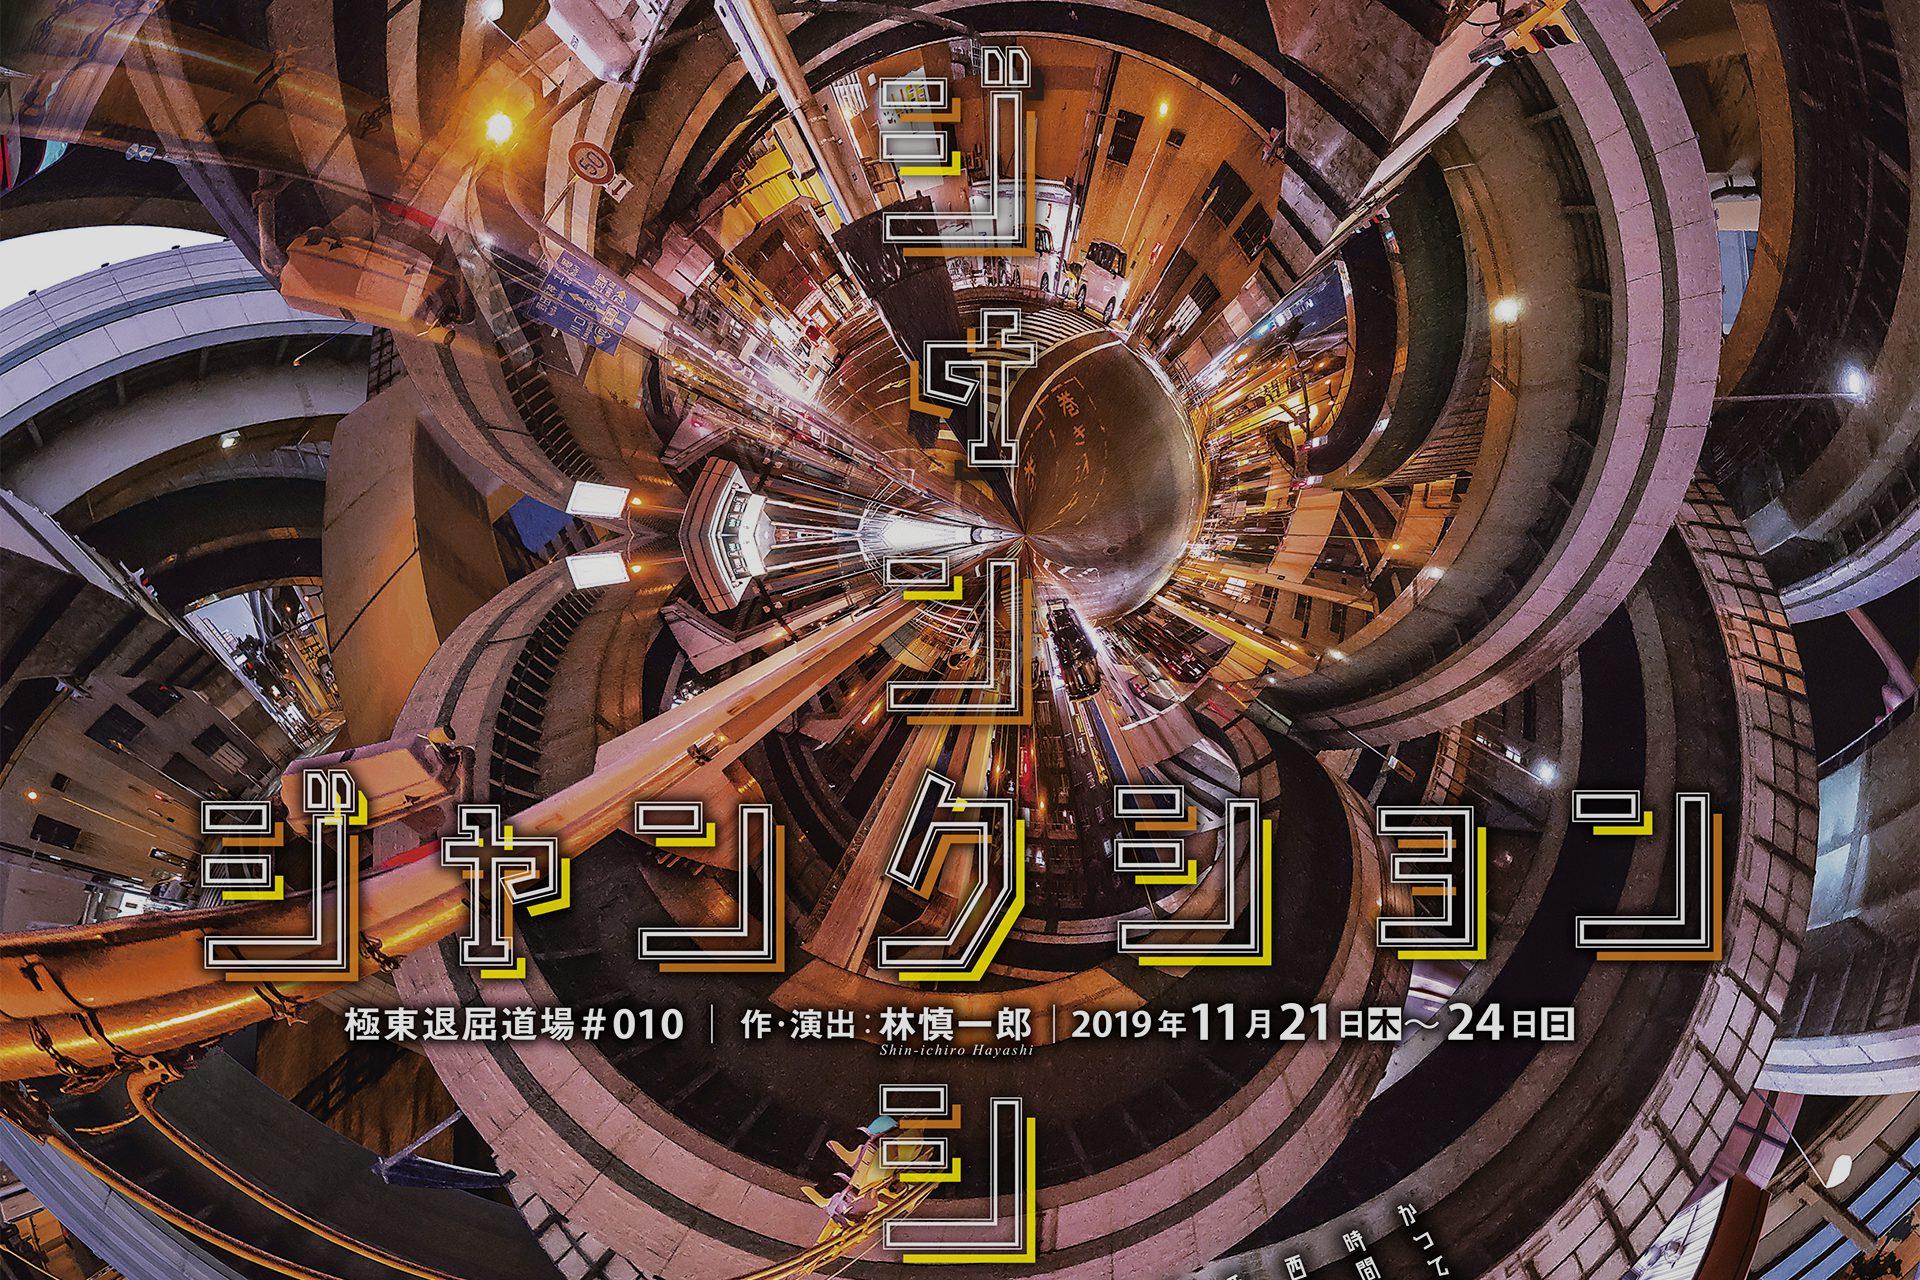 極東退屈道場#010『ジャンクション』